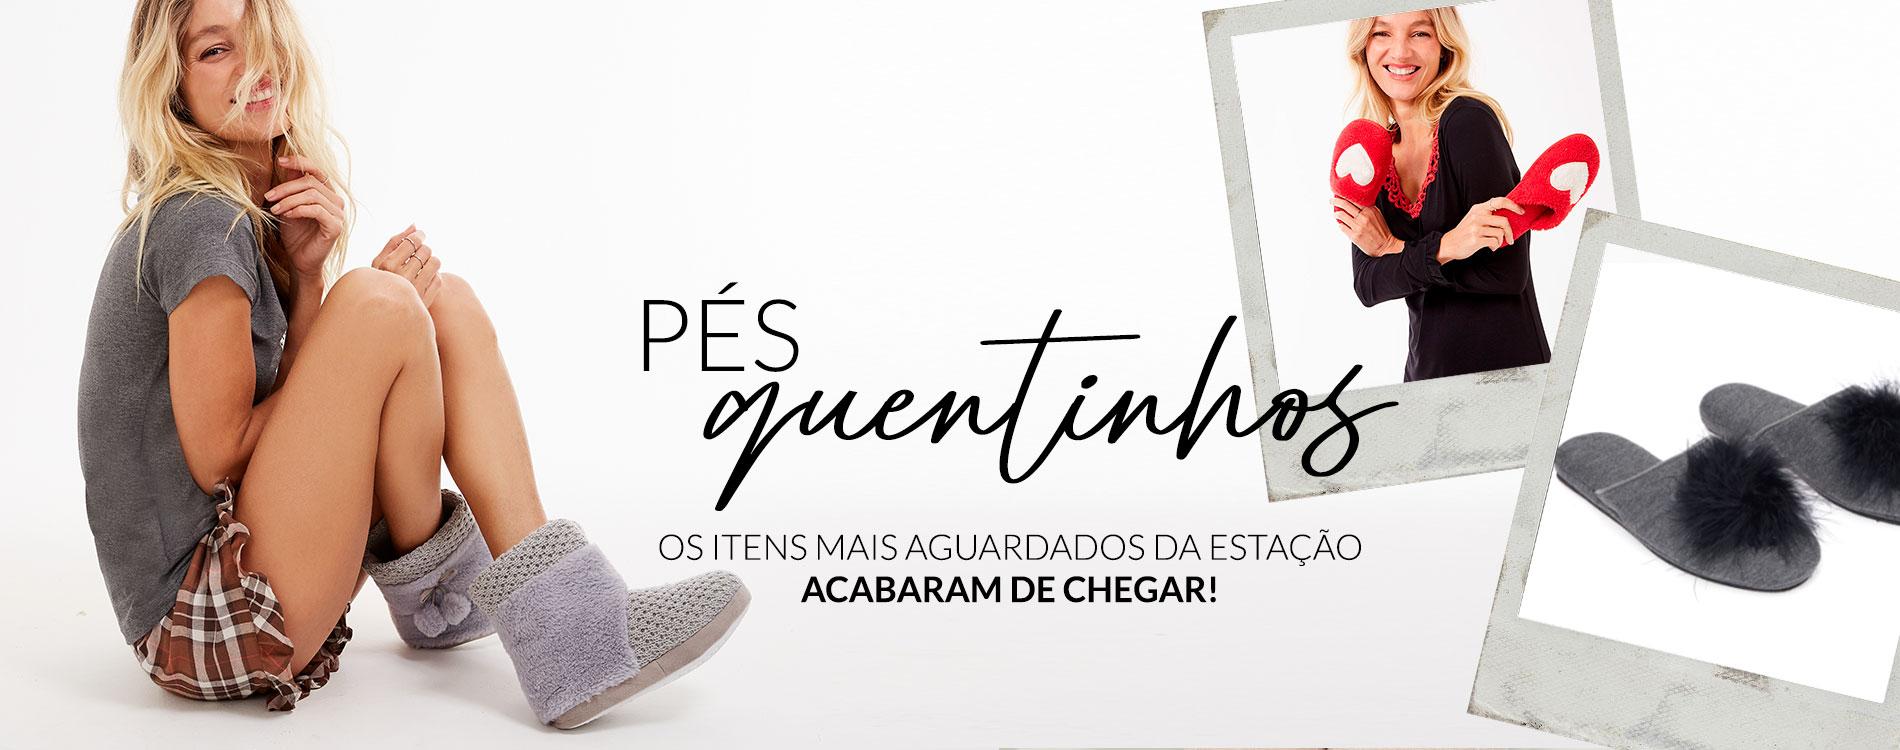 Pés Quentinhos - trackEcommerce